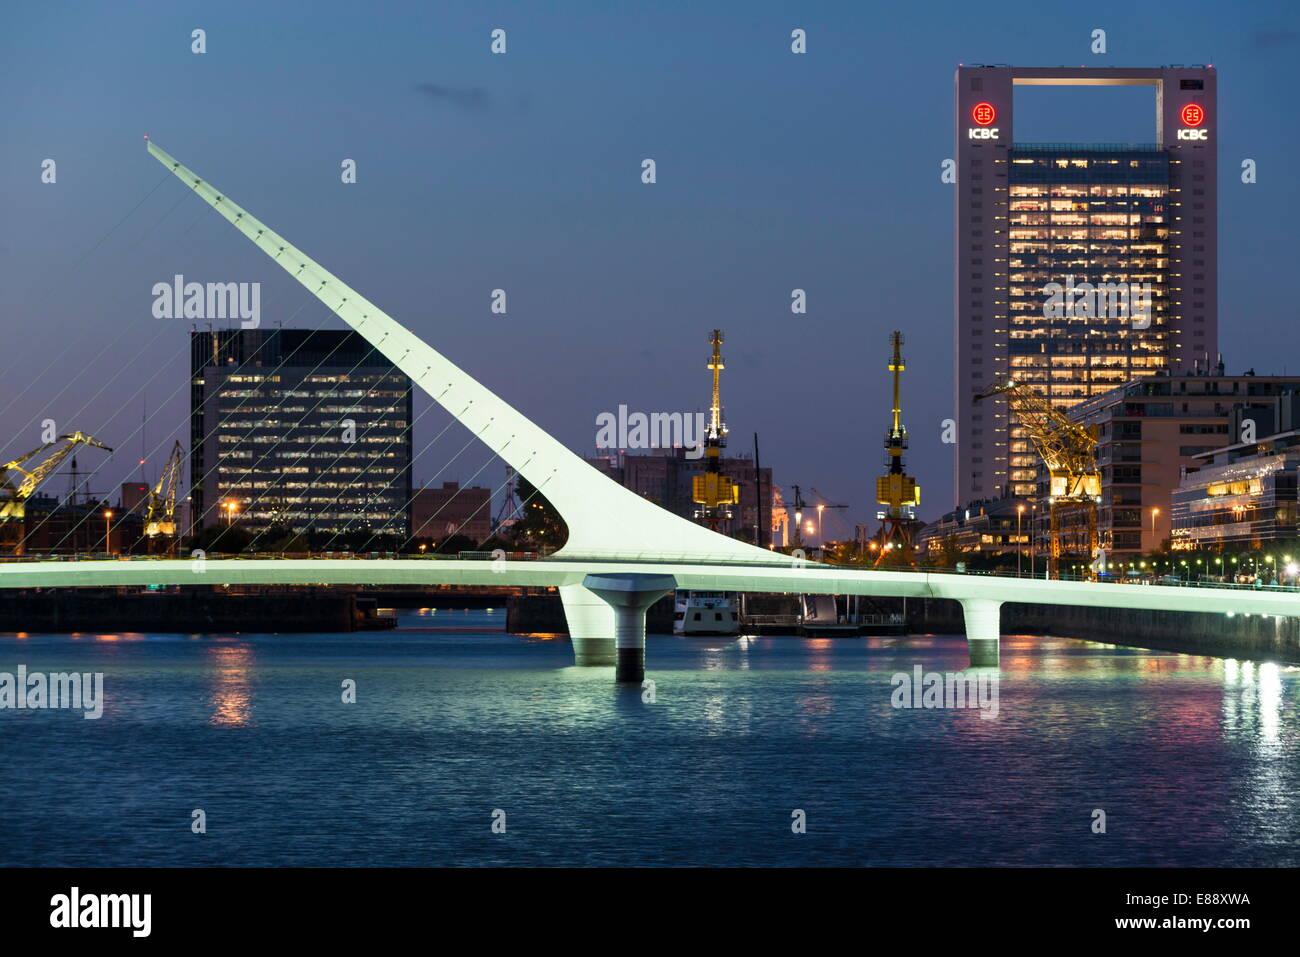 Puente de la Mujer (Puente de la Mujer) al atardecer, Puerto Madero, Buenos Aires, Argentina, Sudamérica Imagen De Stock